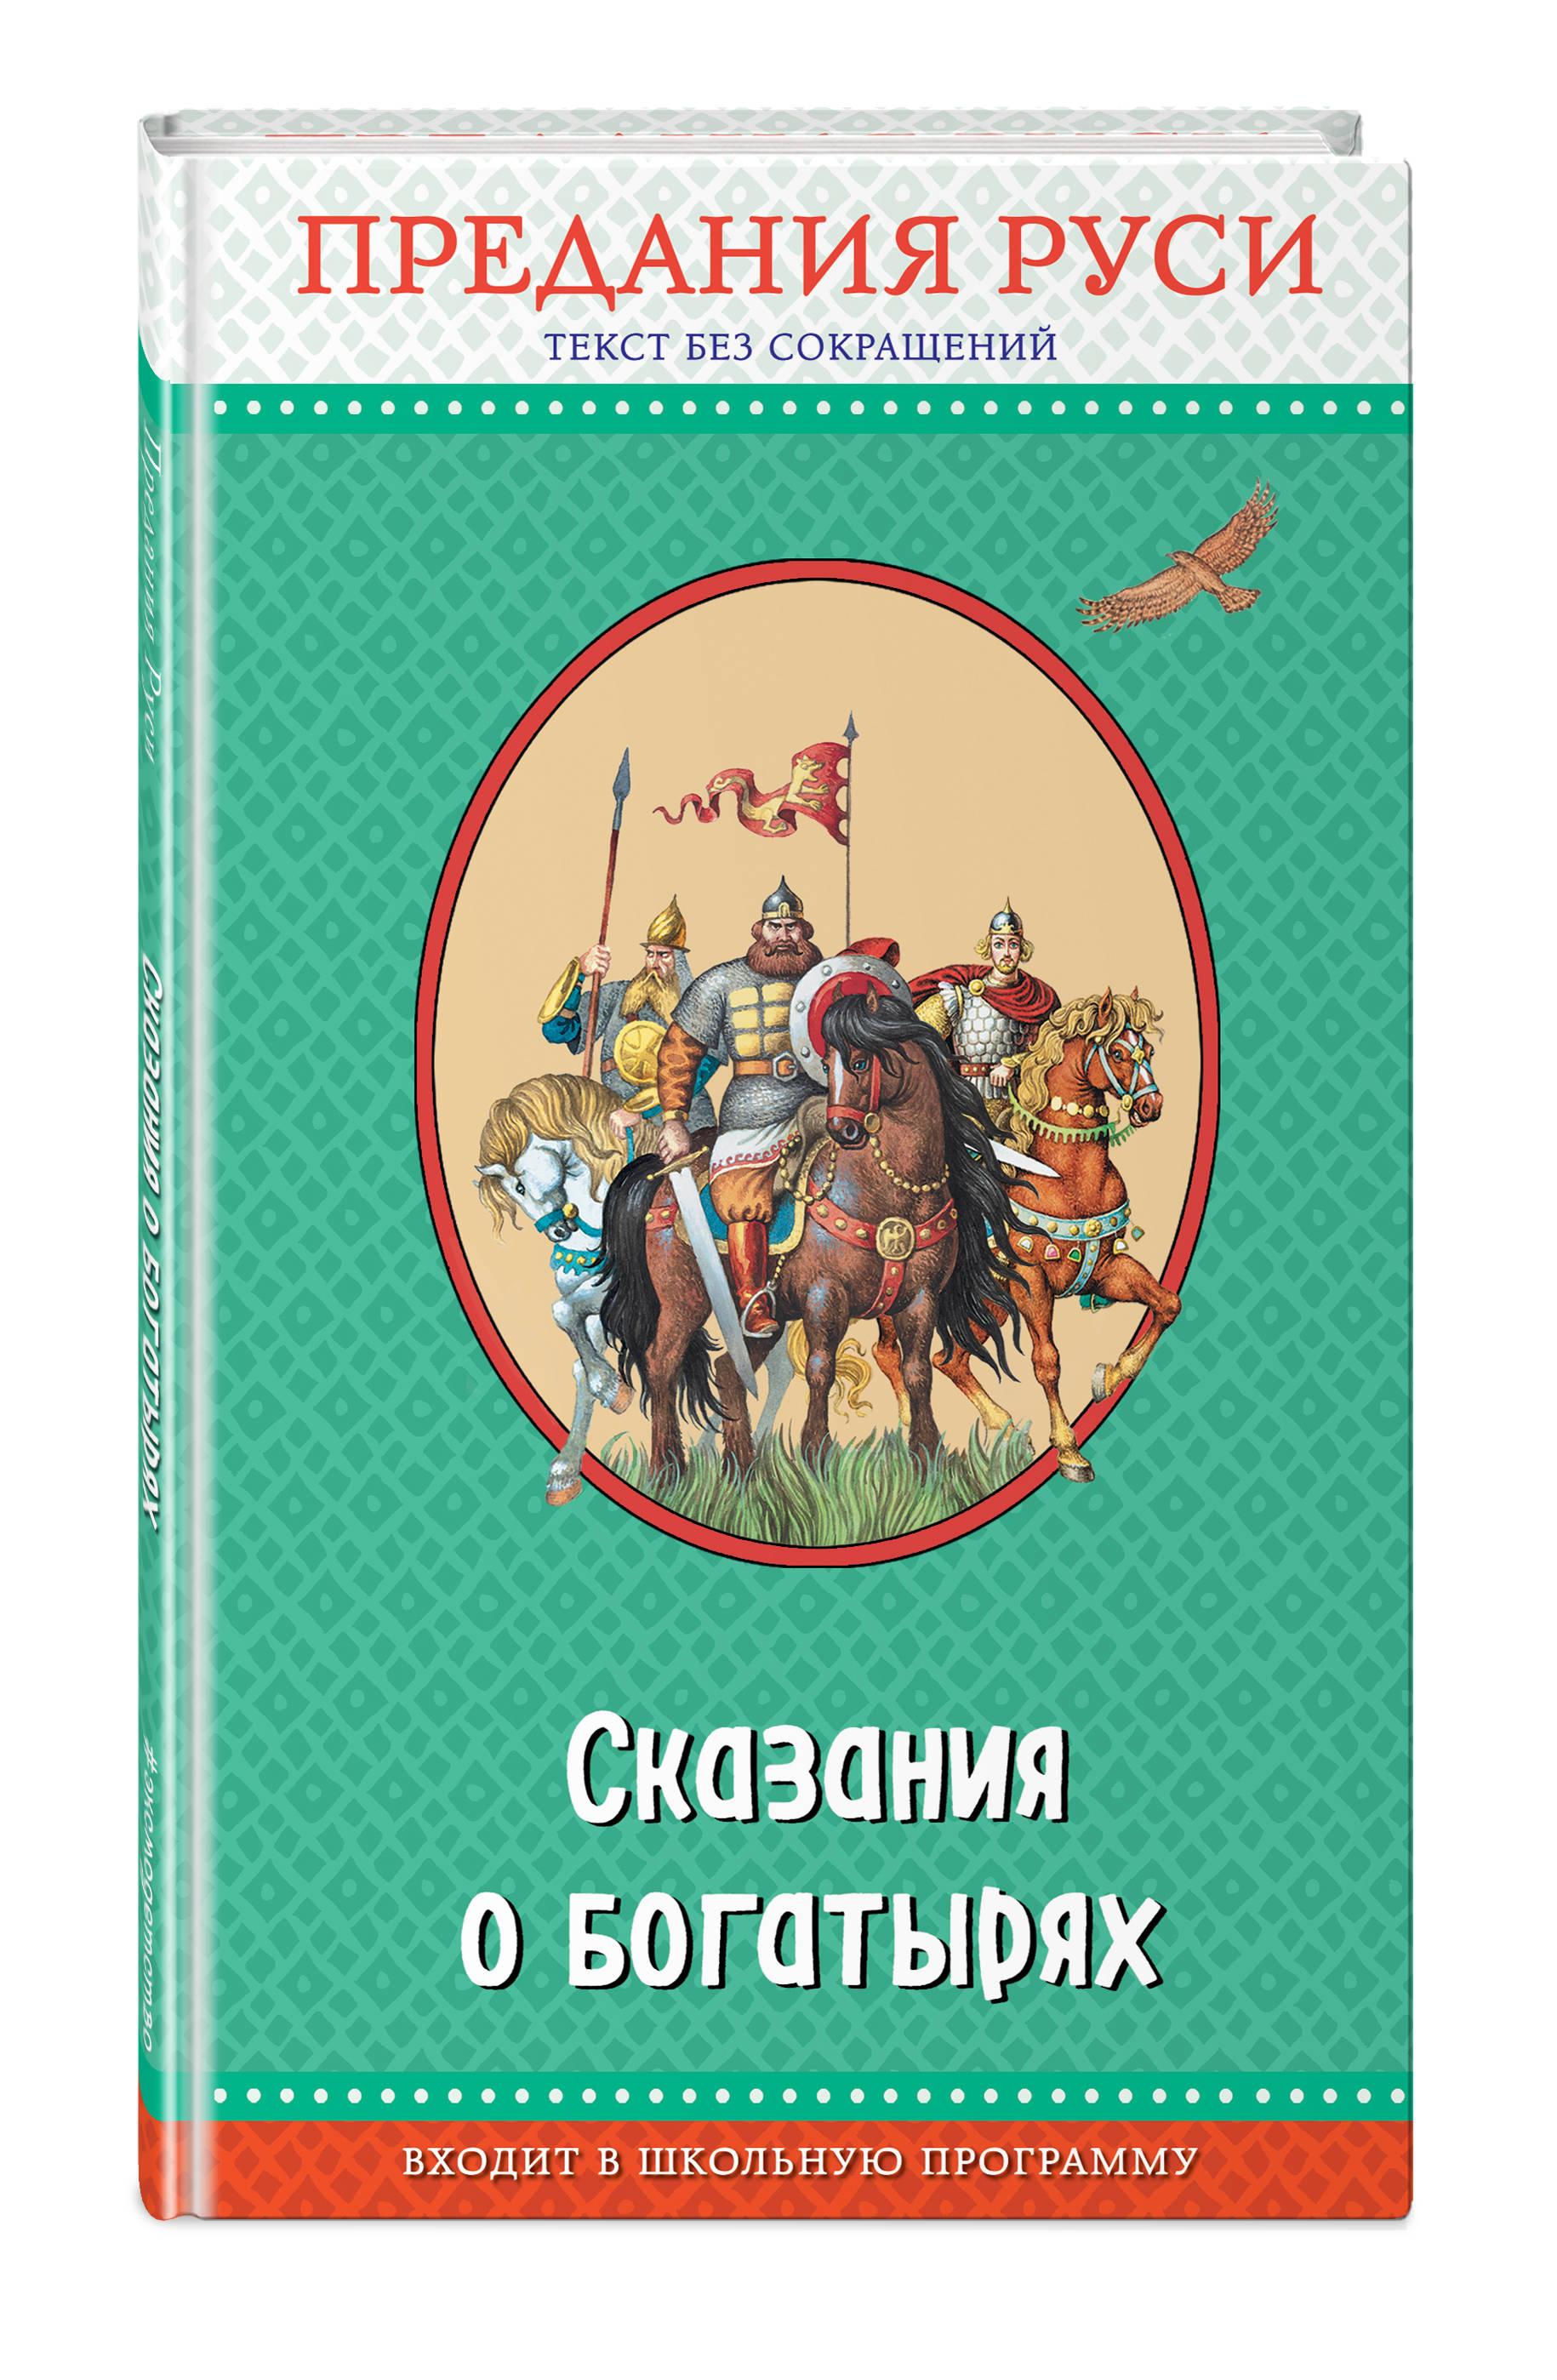 Сказания о богатырях. Предания Руси рогова о переск былины о богатырях